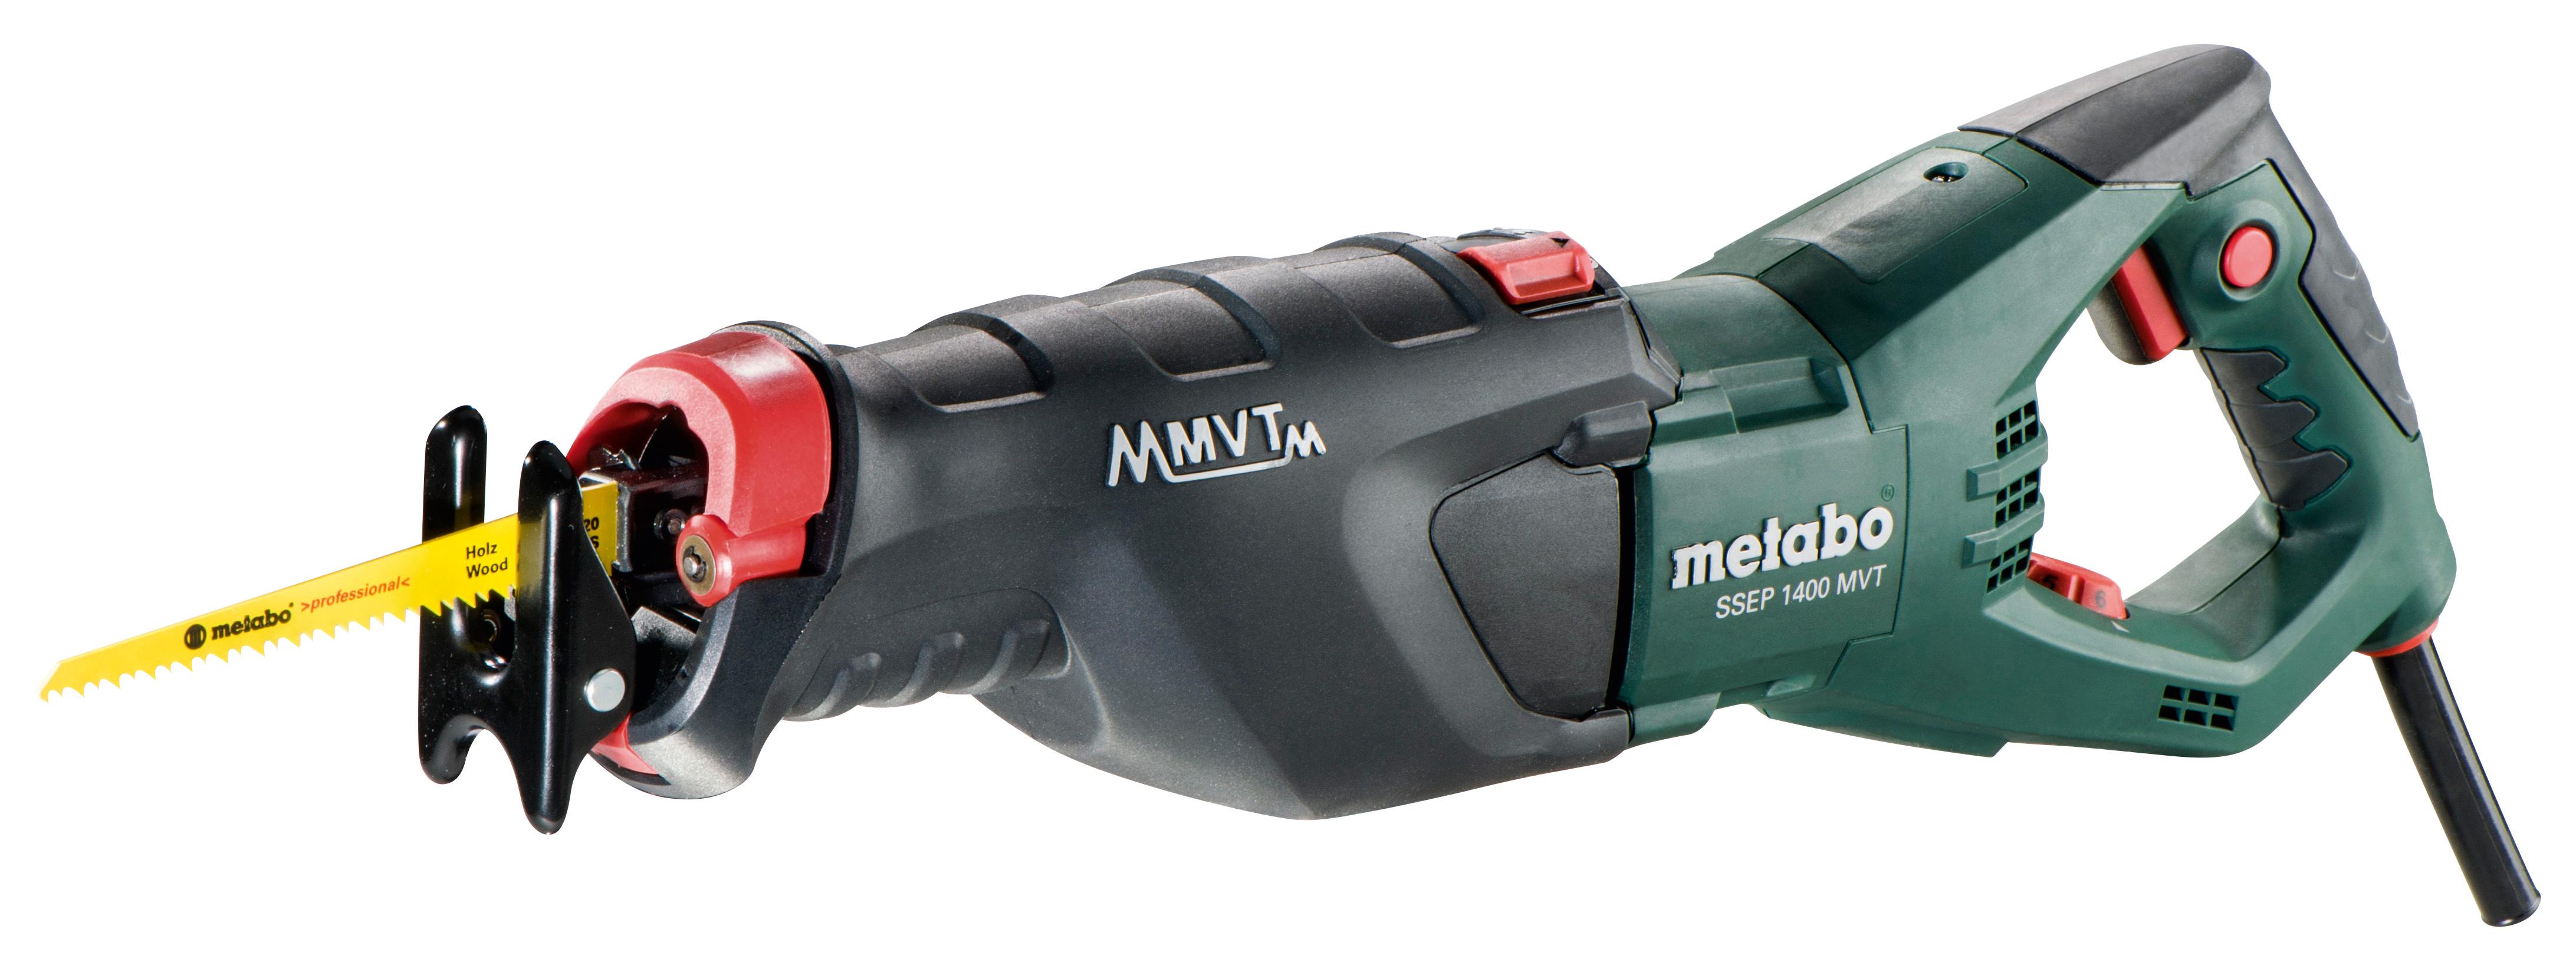 Tigersåg SSEP 1400 MVT 1400 watt